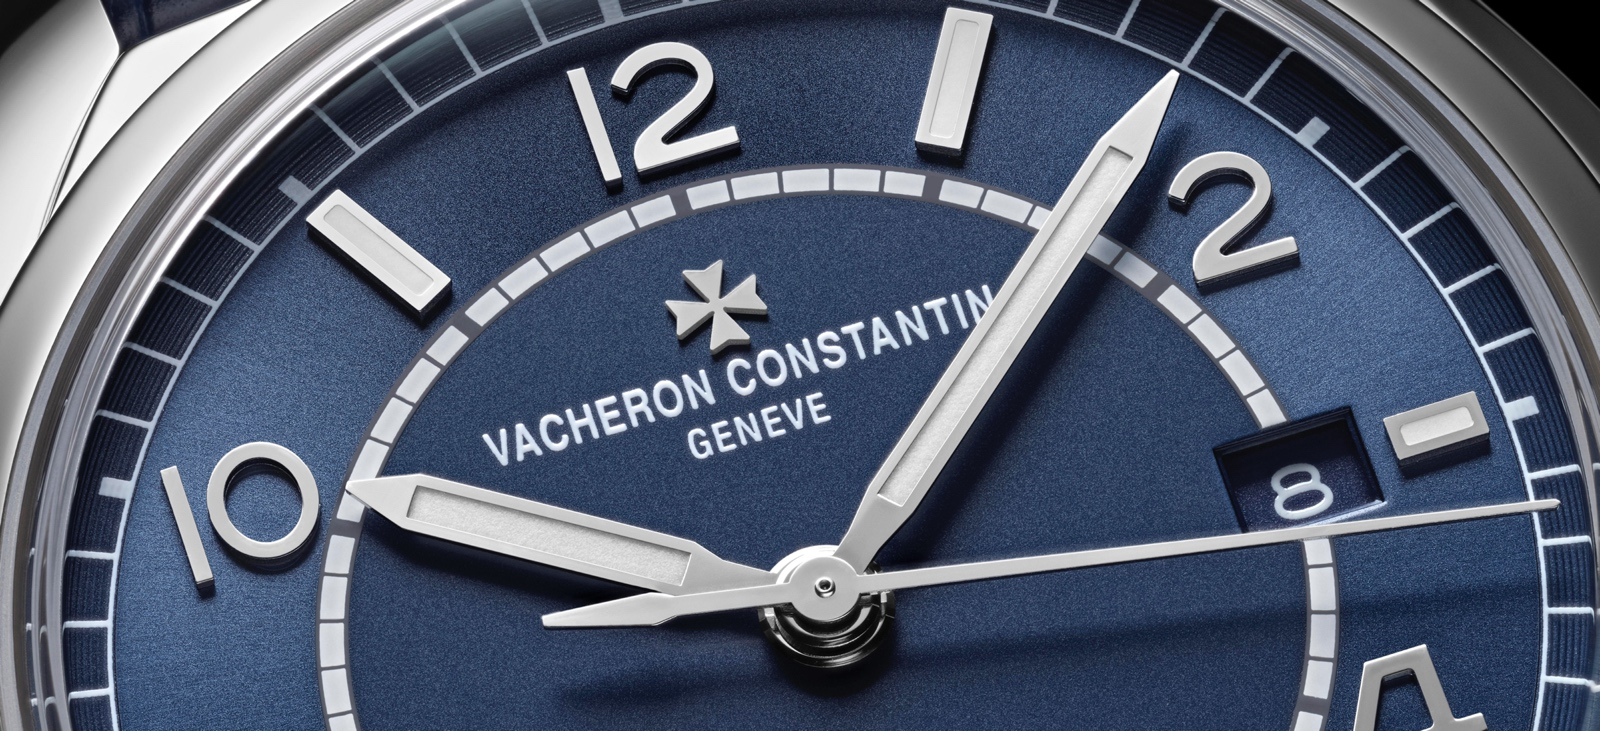 Vacheron Constantin en el SIHH 2019 - cover blue